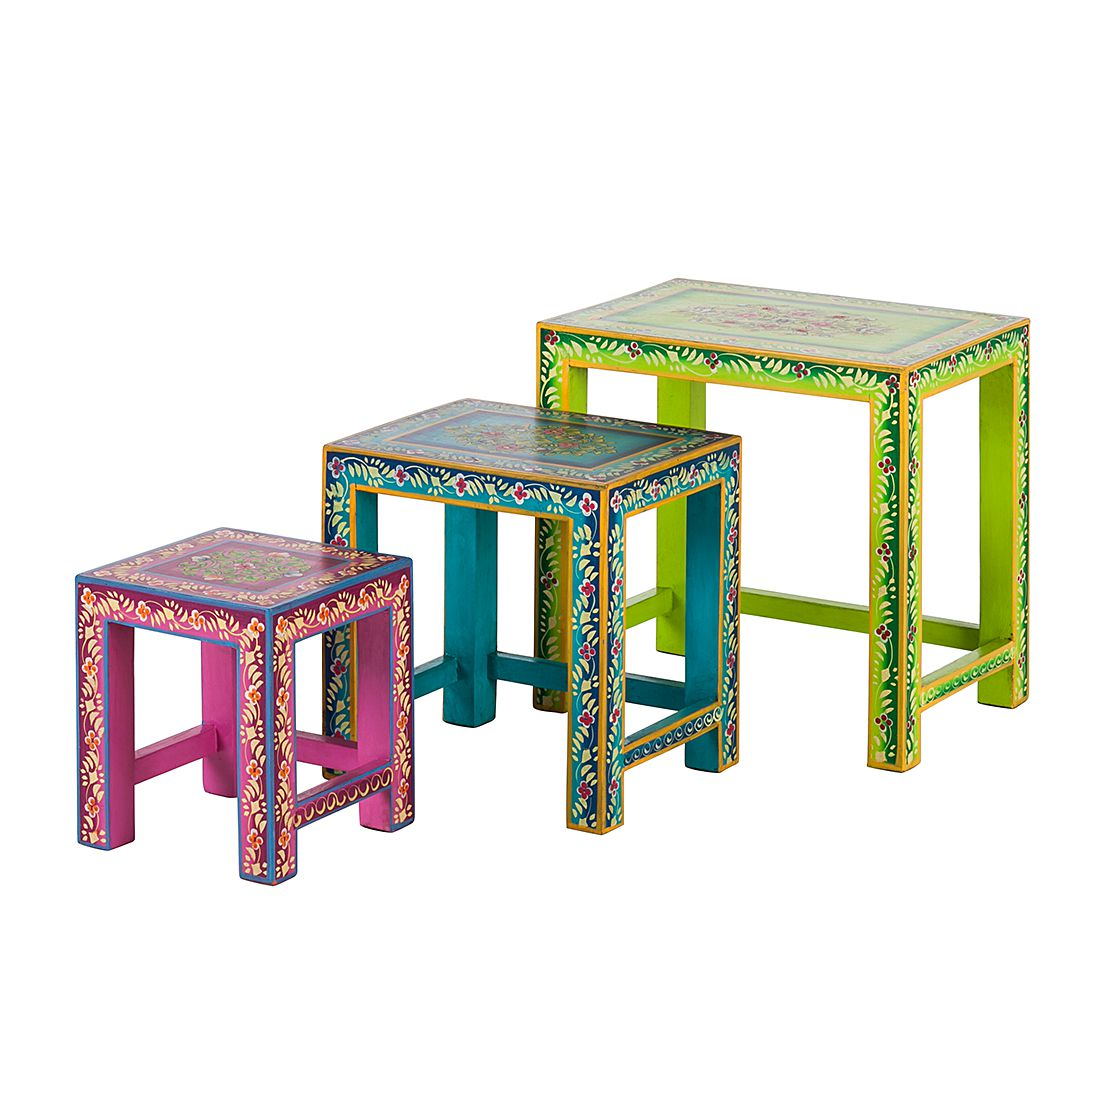 Tische online g nstig kaufen ber shop24 for Kare design tisch ibiza